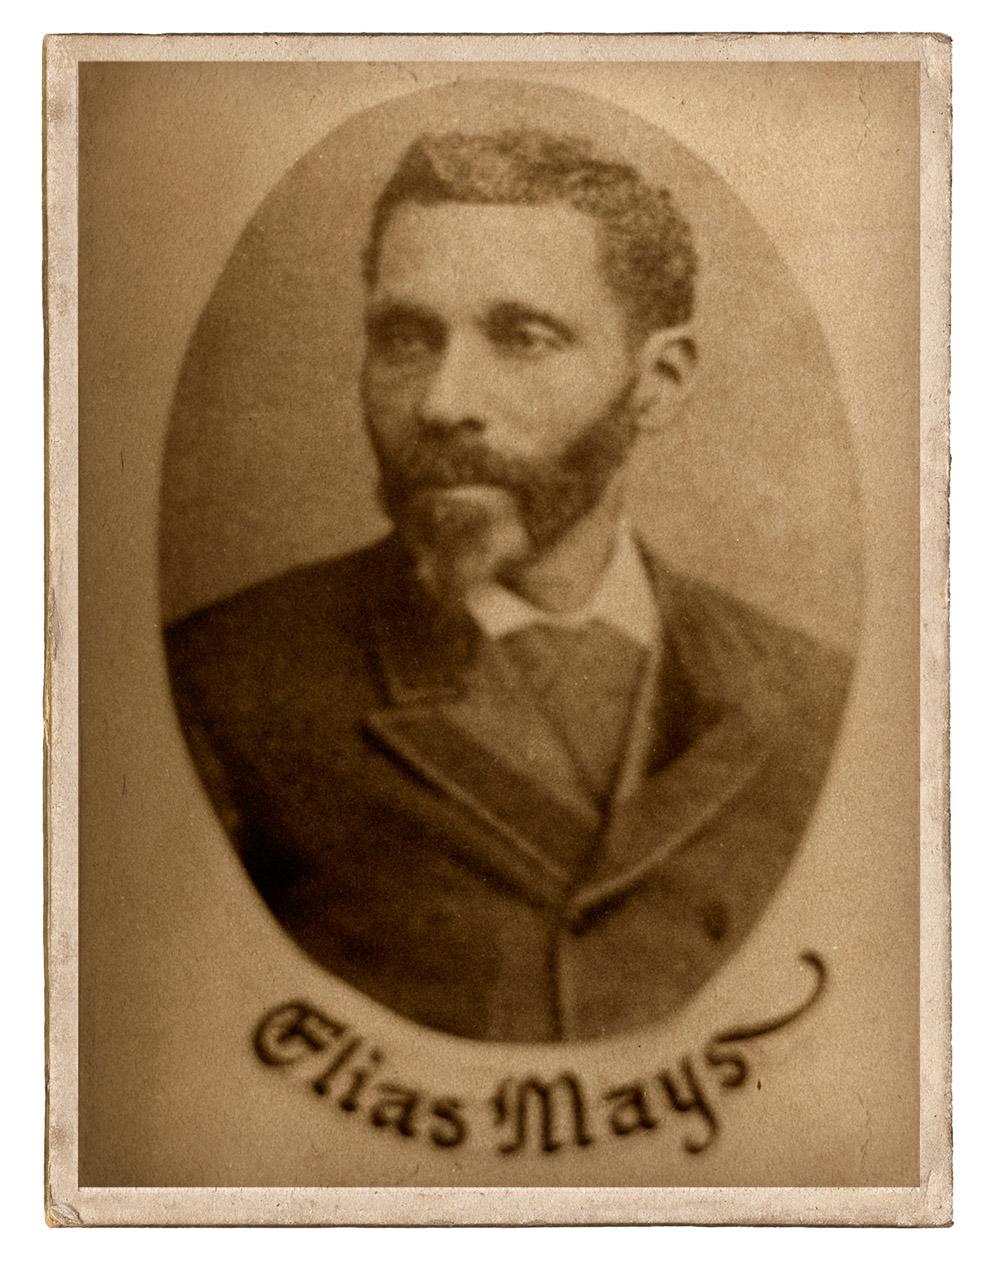 Elias Mays